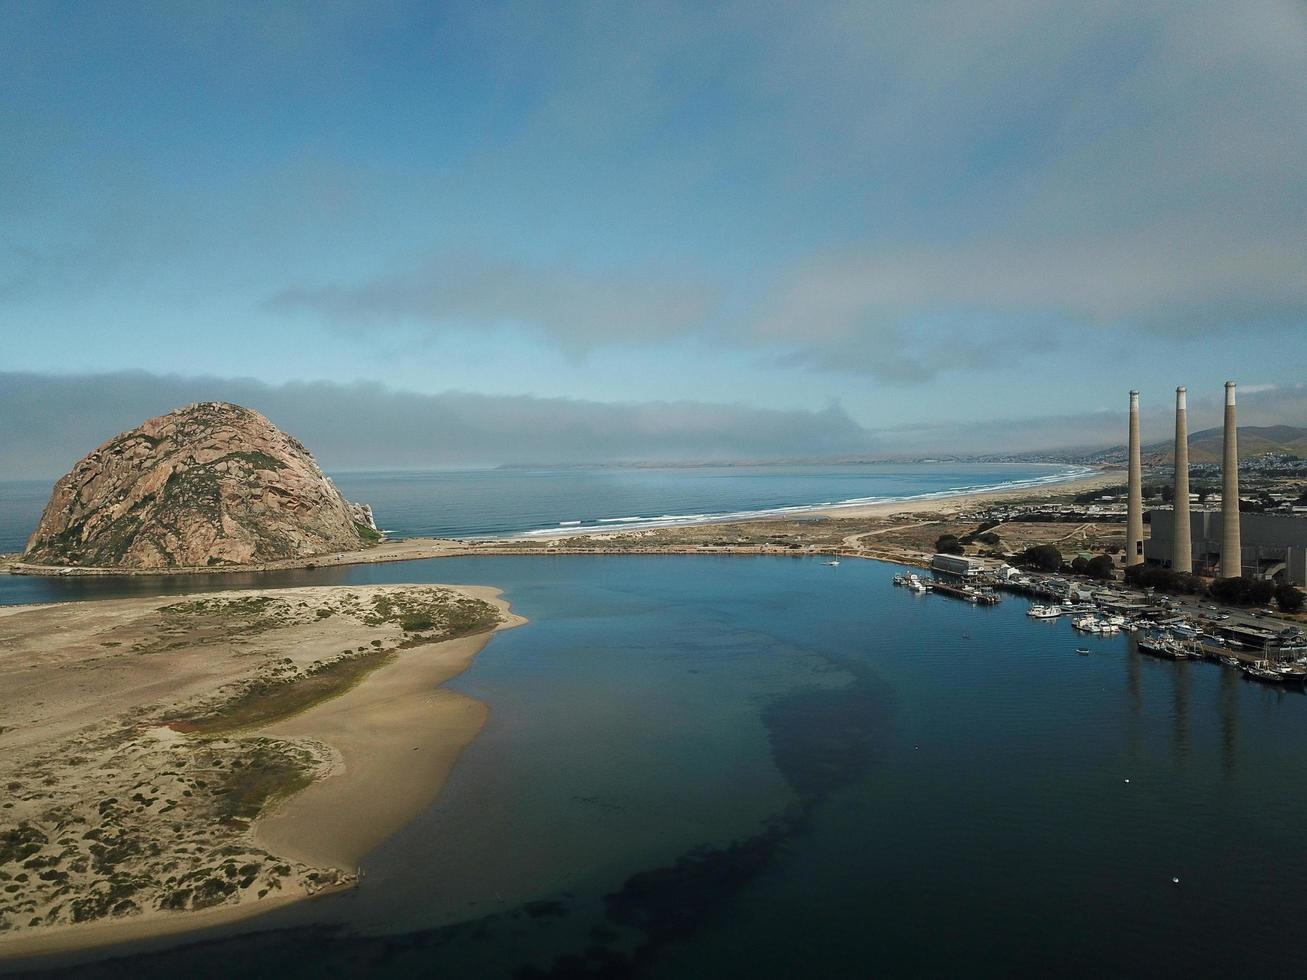 fotografia aerea dell'isola che domina la collina foto